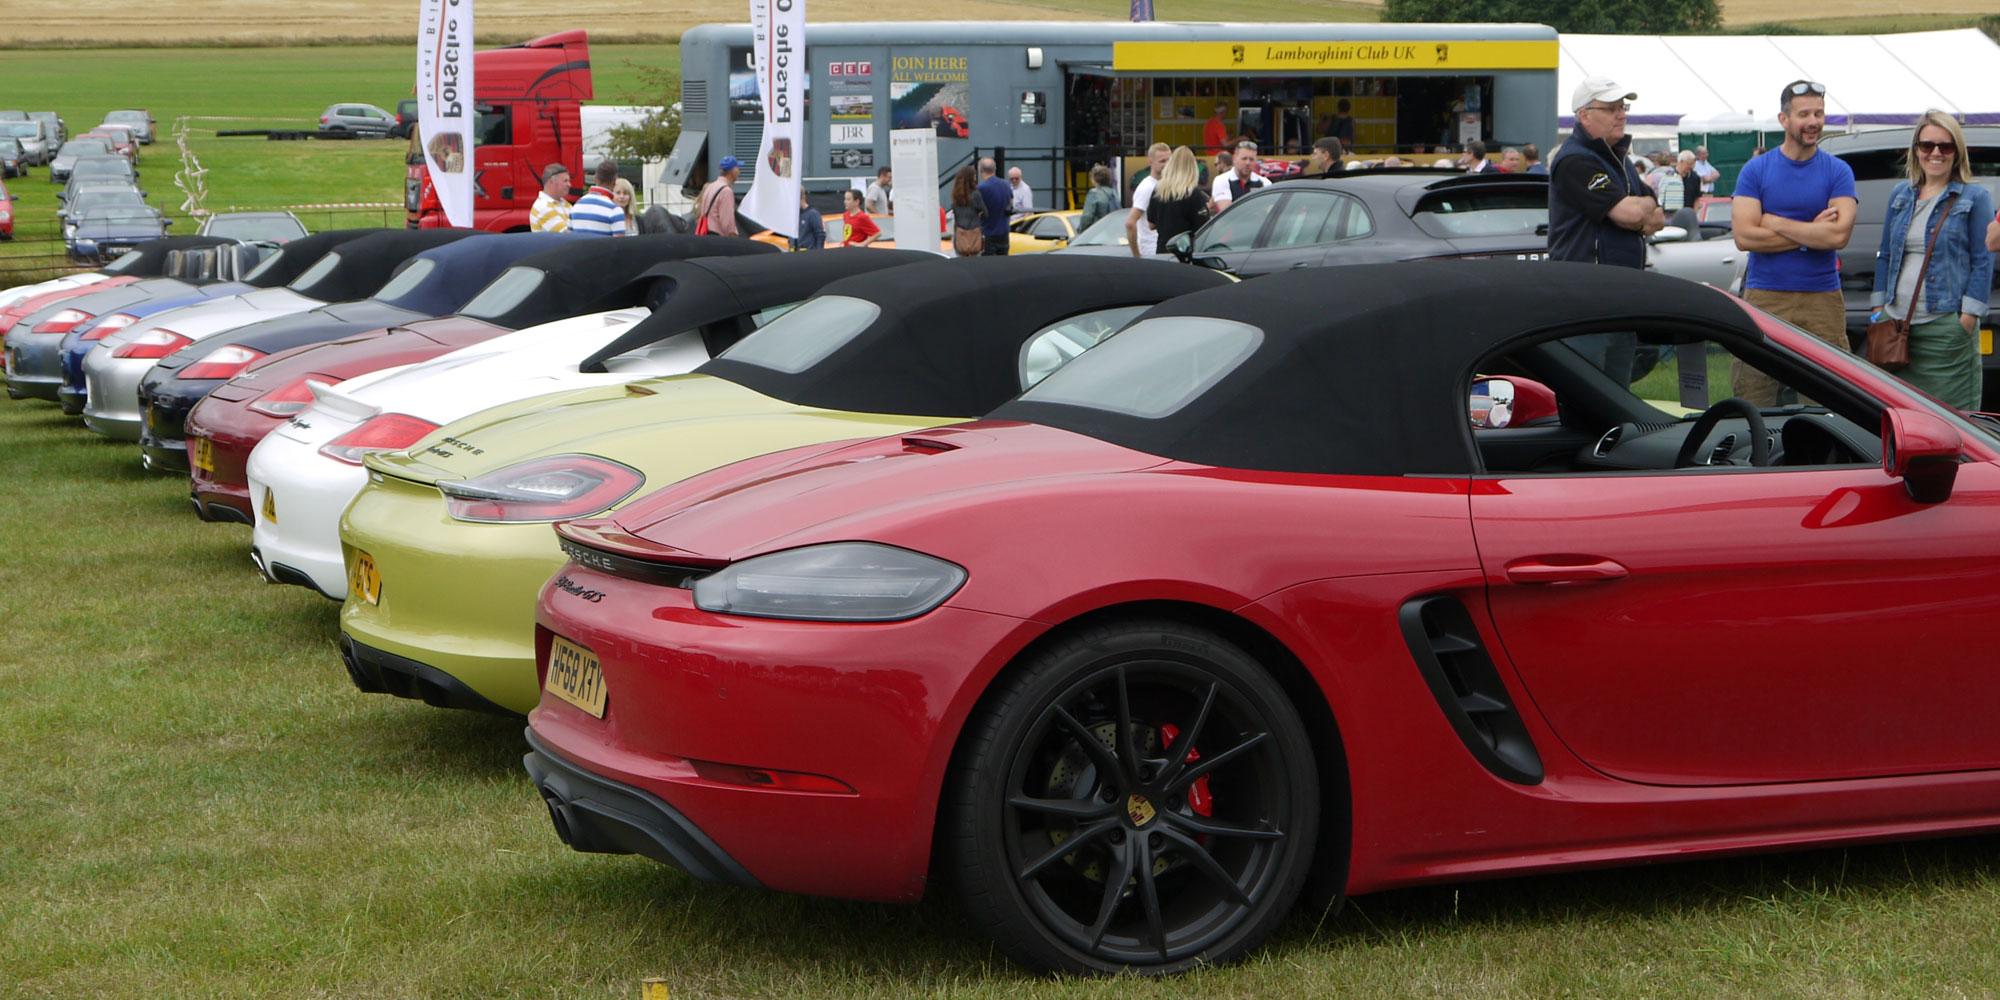 A line of Porsches